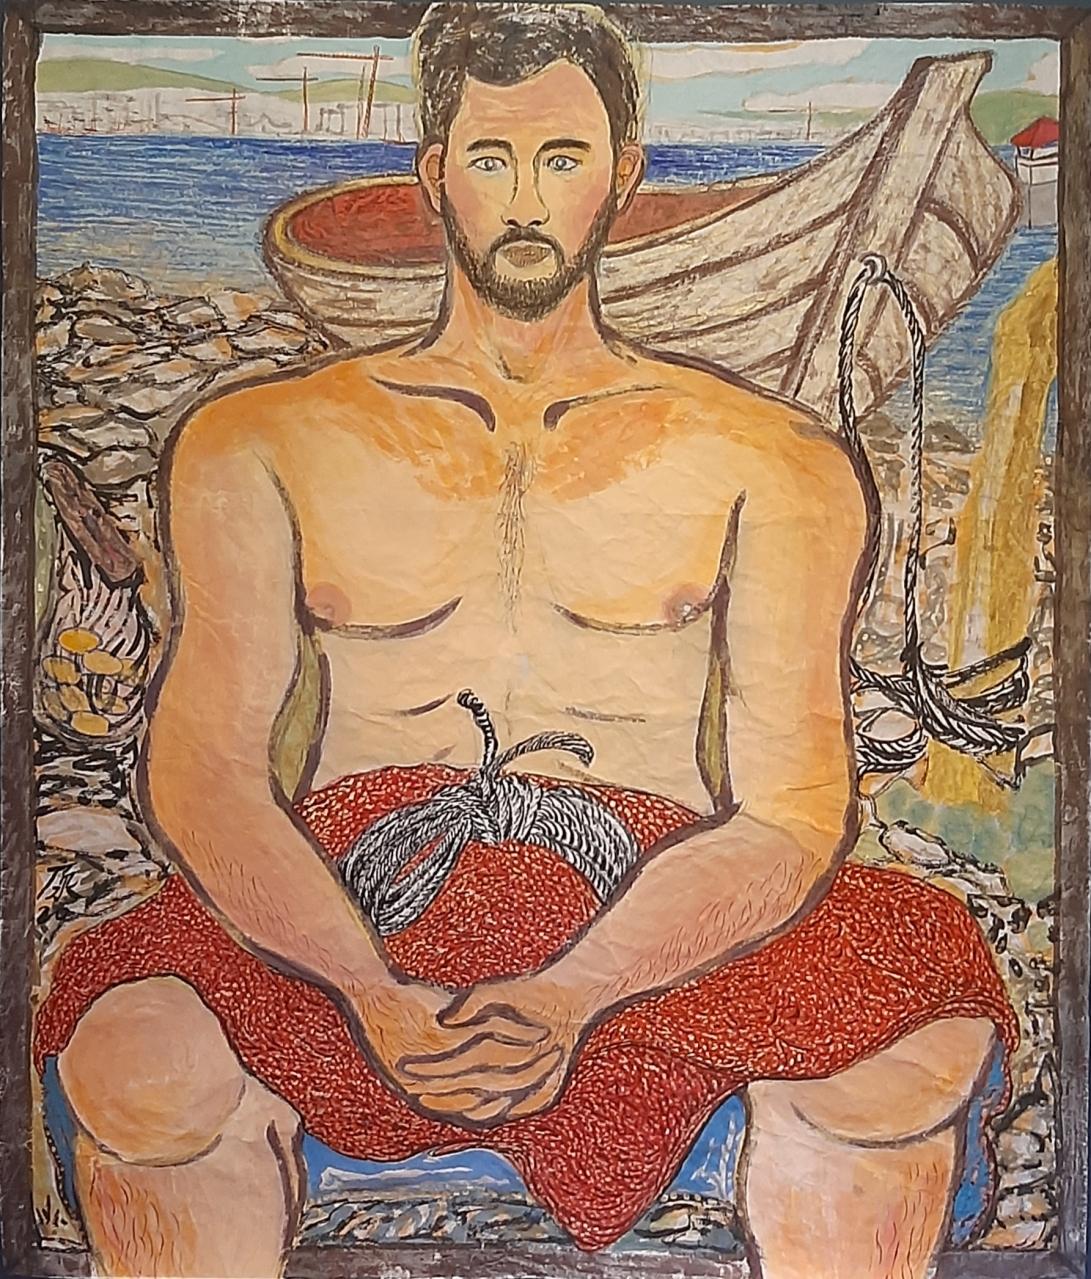 02 Mannen og båten hans, 157cmx134cm papir og vann-besert pigment